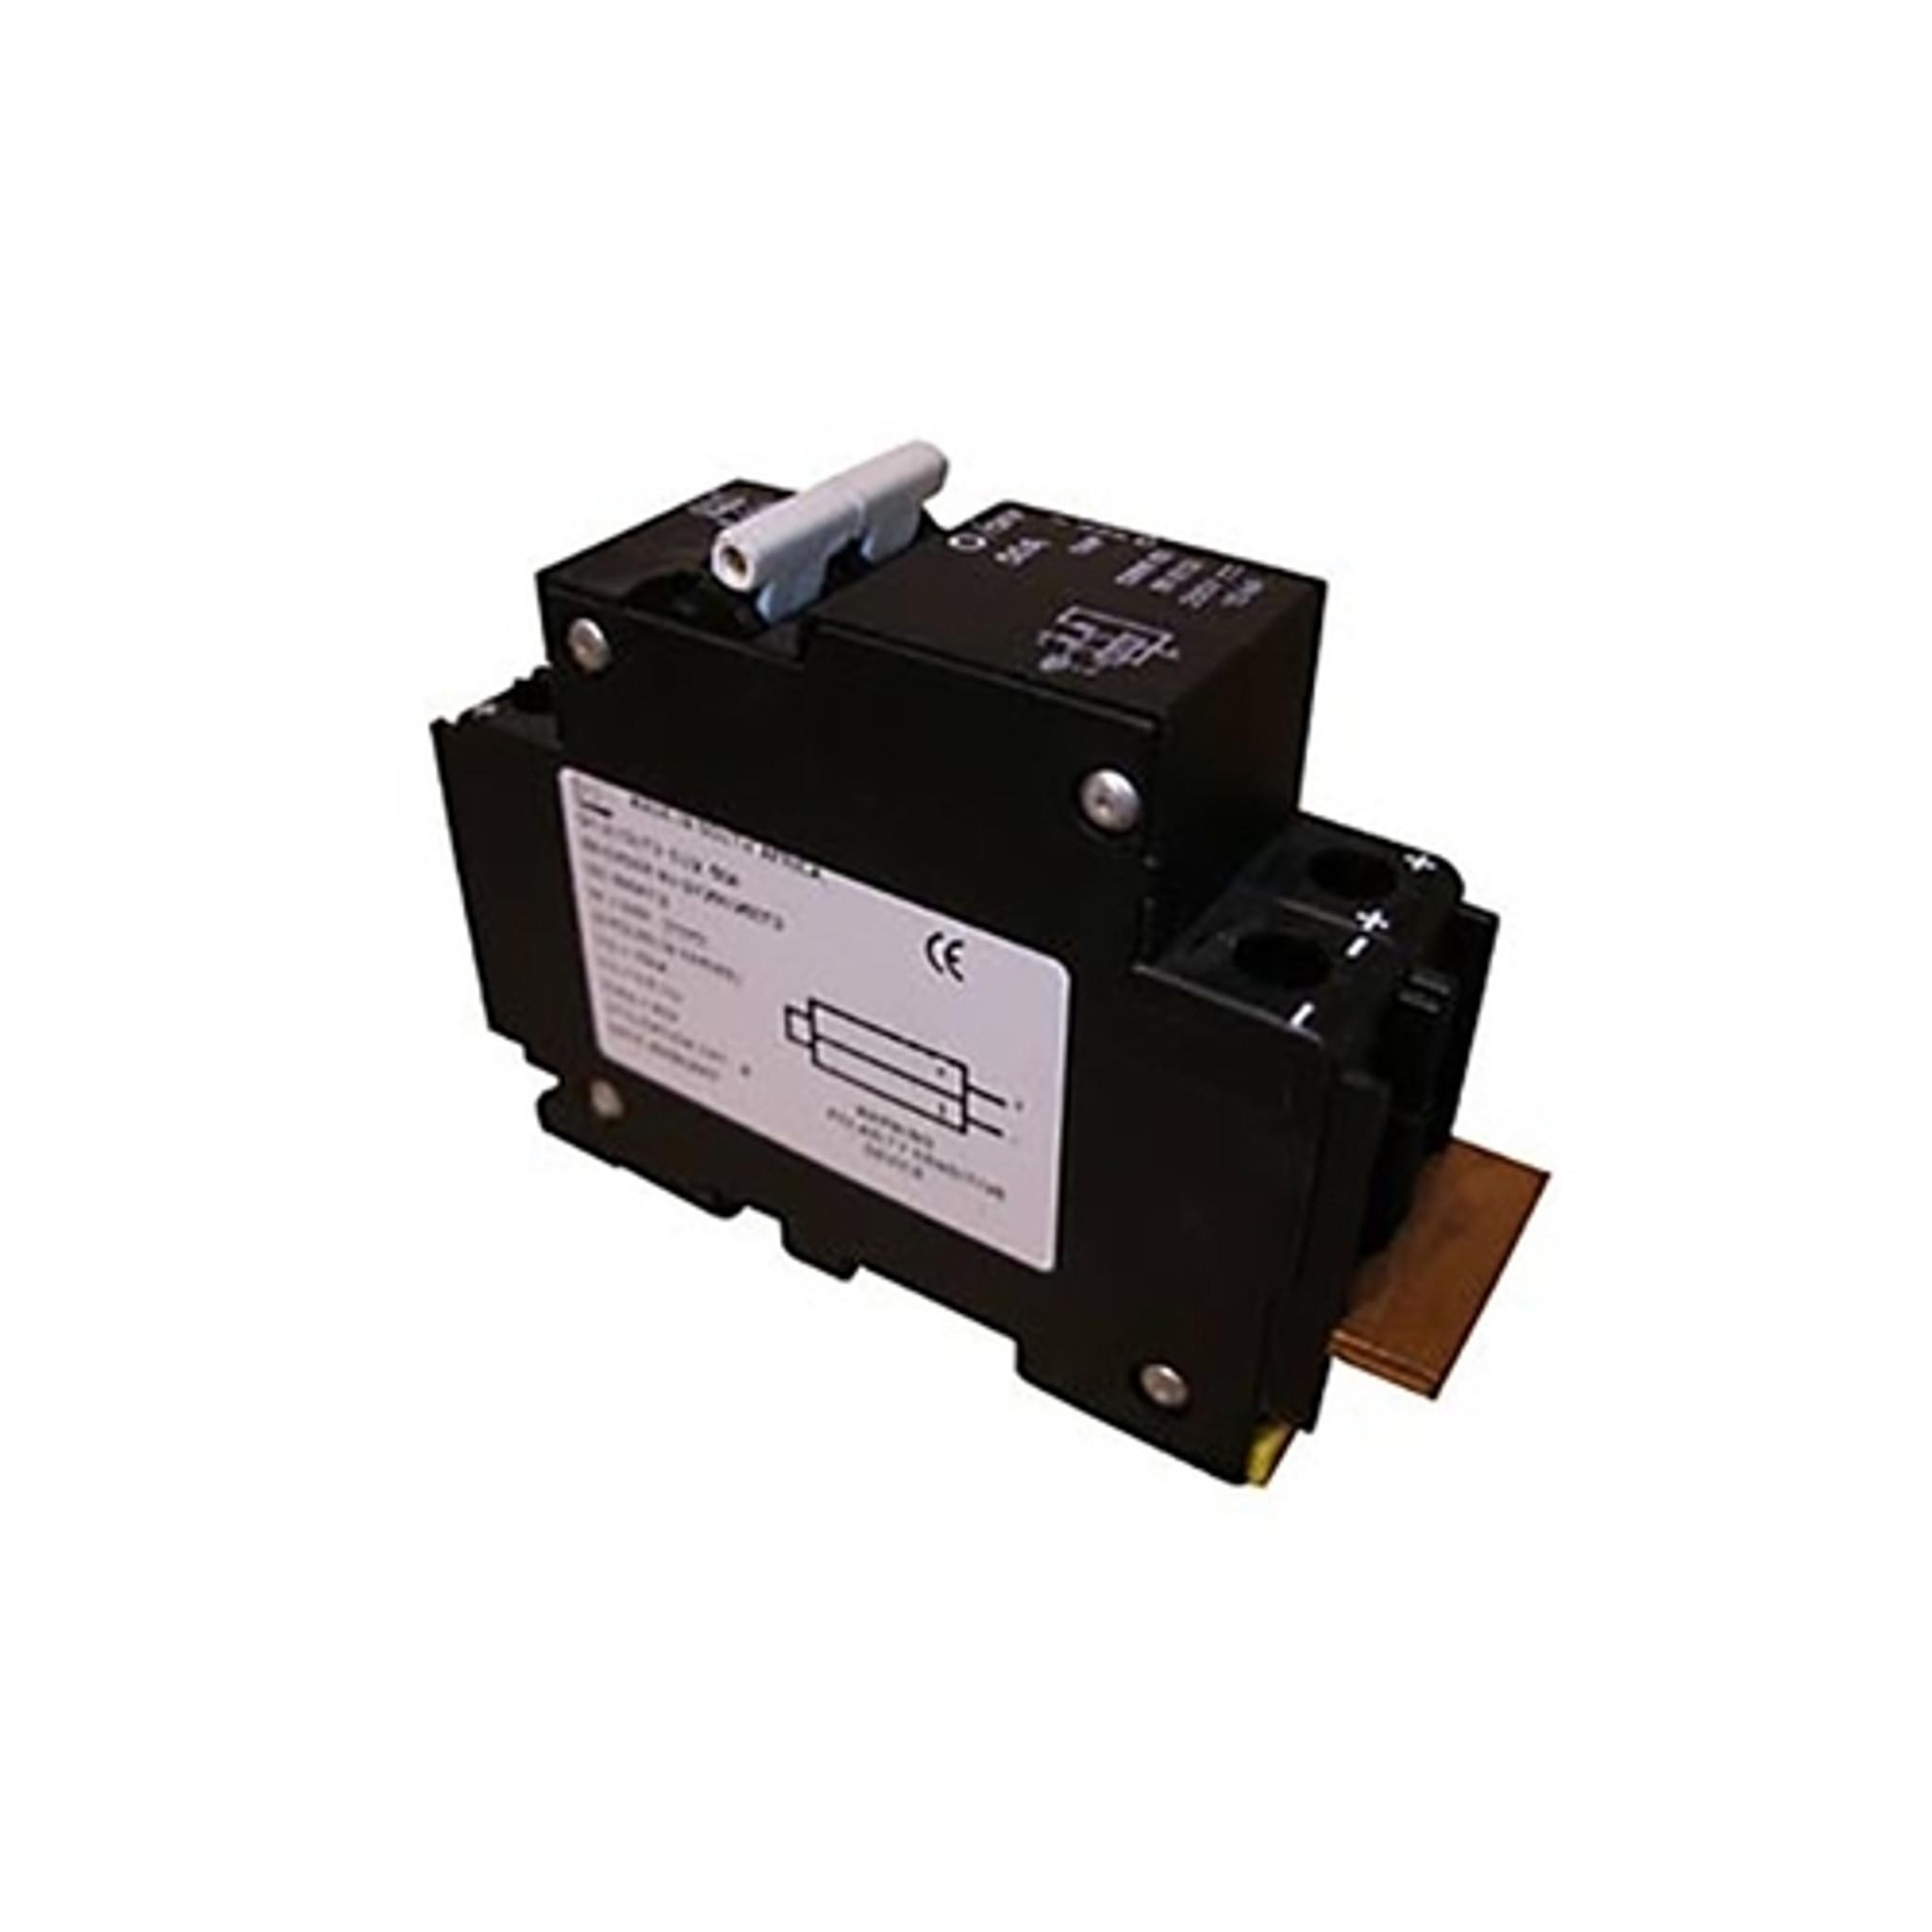 medium resolution of  midnite solar 15a 150 circuit breaker